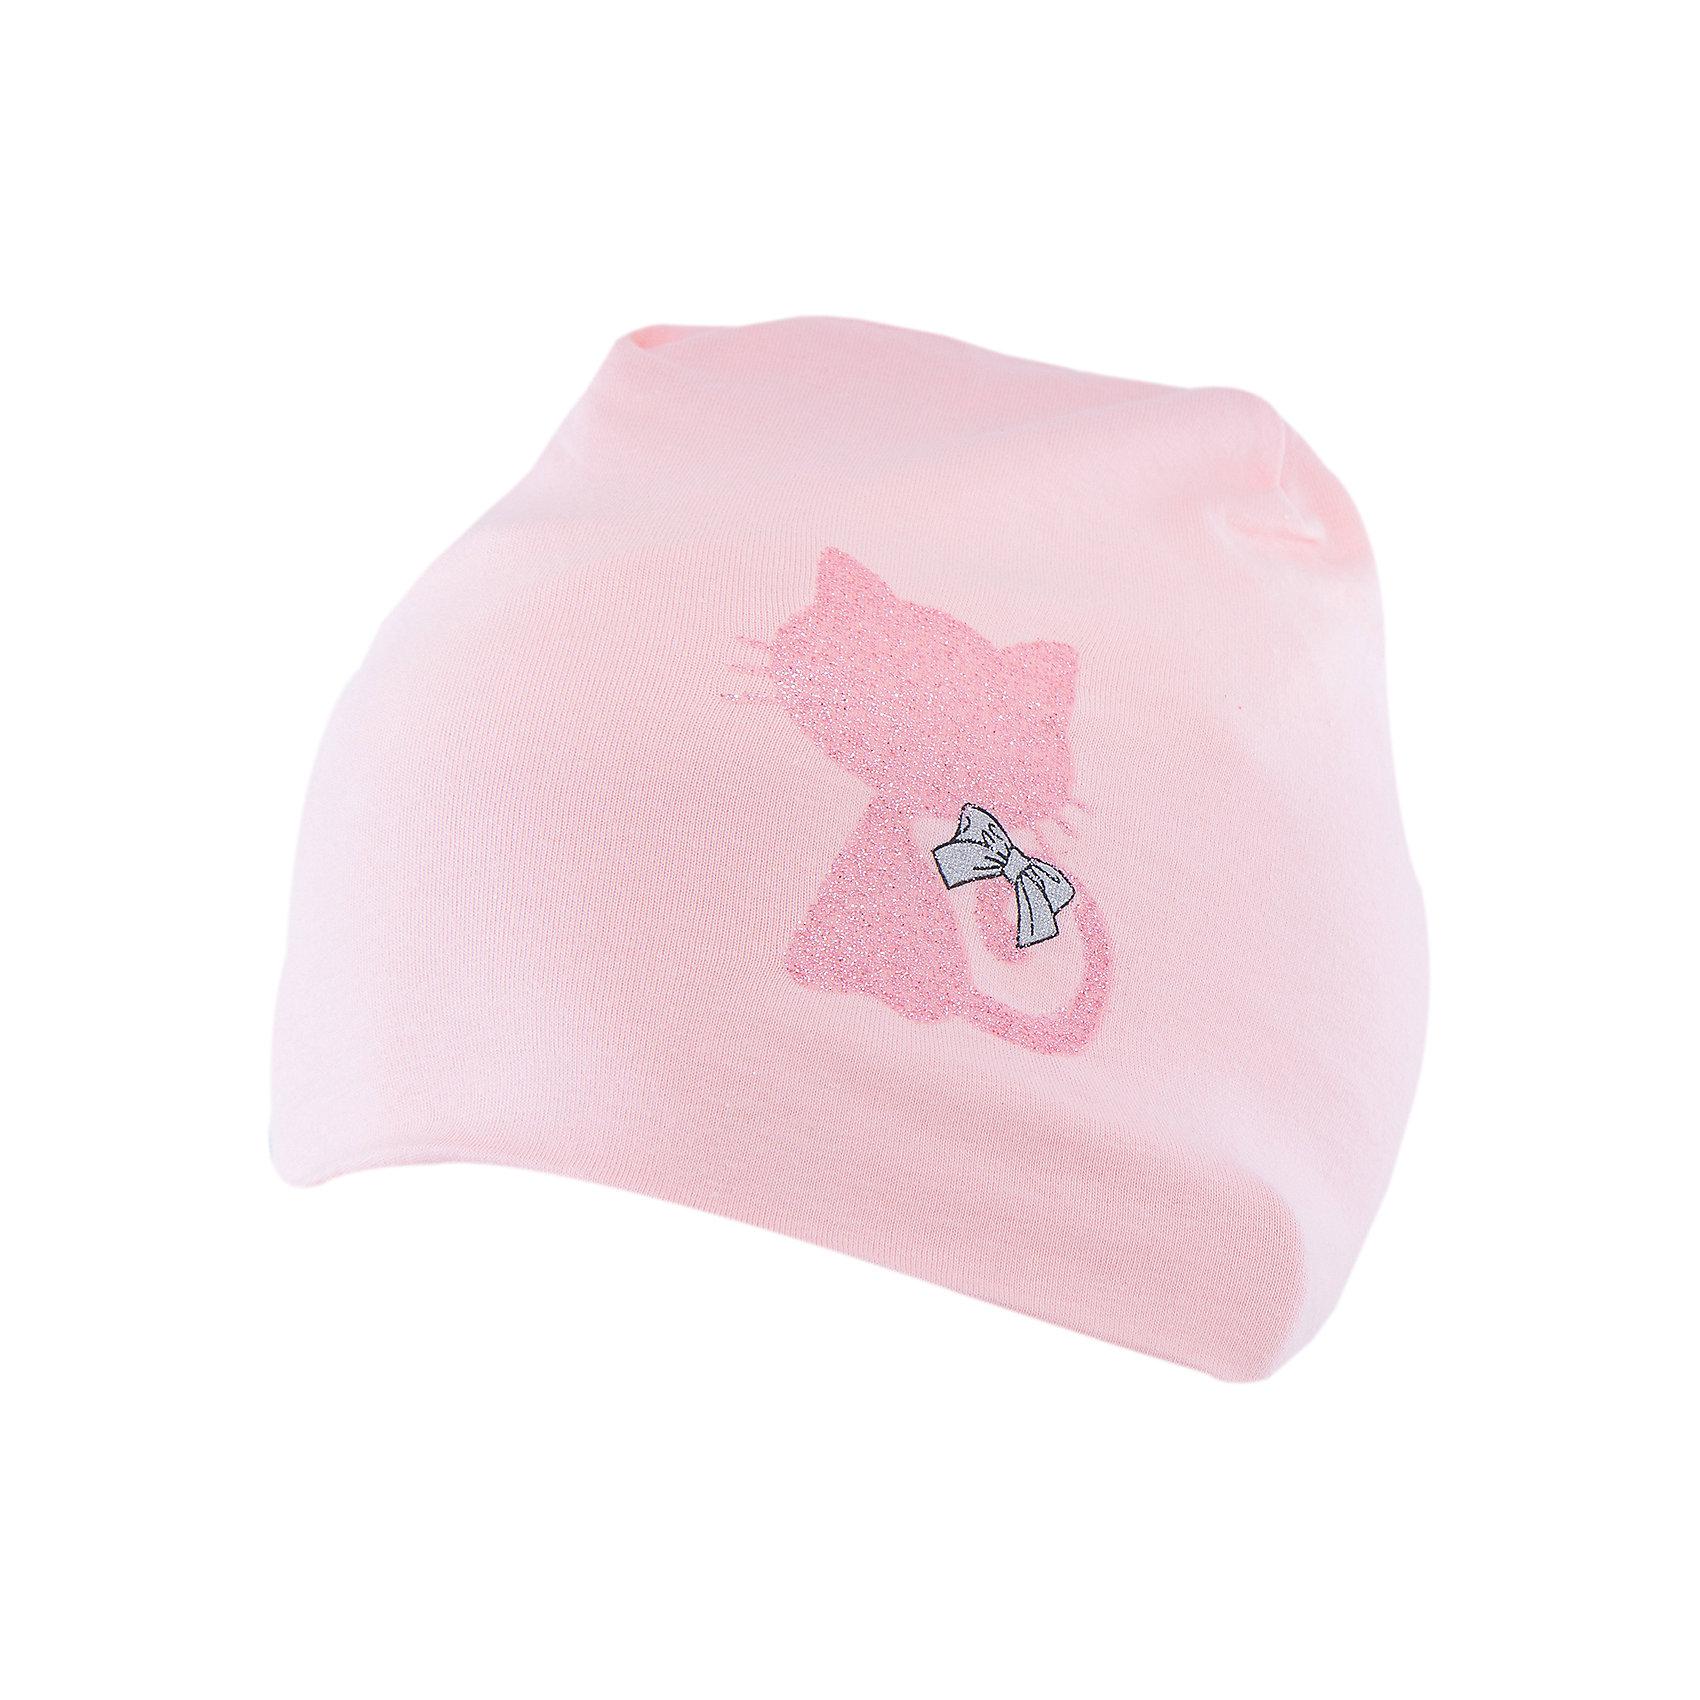 Шапка для девочки PlayTodayШапка для девочки от известного бренда PlayToday.<br>Уютная хлопковая шапочка нежного персикового цвета.<br>Состав:<br>95% хлопок, 5% эластан<br><br>Ширина мм: 157<br>Глубина мм: 13<br>Высота мм: 119<br>Вес г: 200<br>Цвет: розовый<br>Возраст от месяцев: 12<br>Возраст до месяцев: 18<br>Пол: Женский<br>Возраст: Детский<br>Размер: 46,48<br>SKU: 4900667